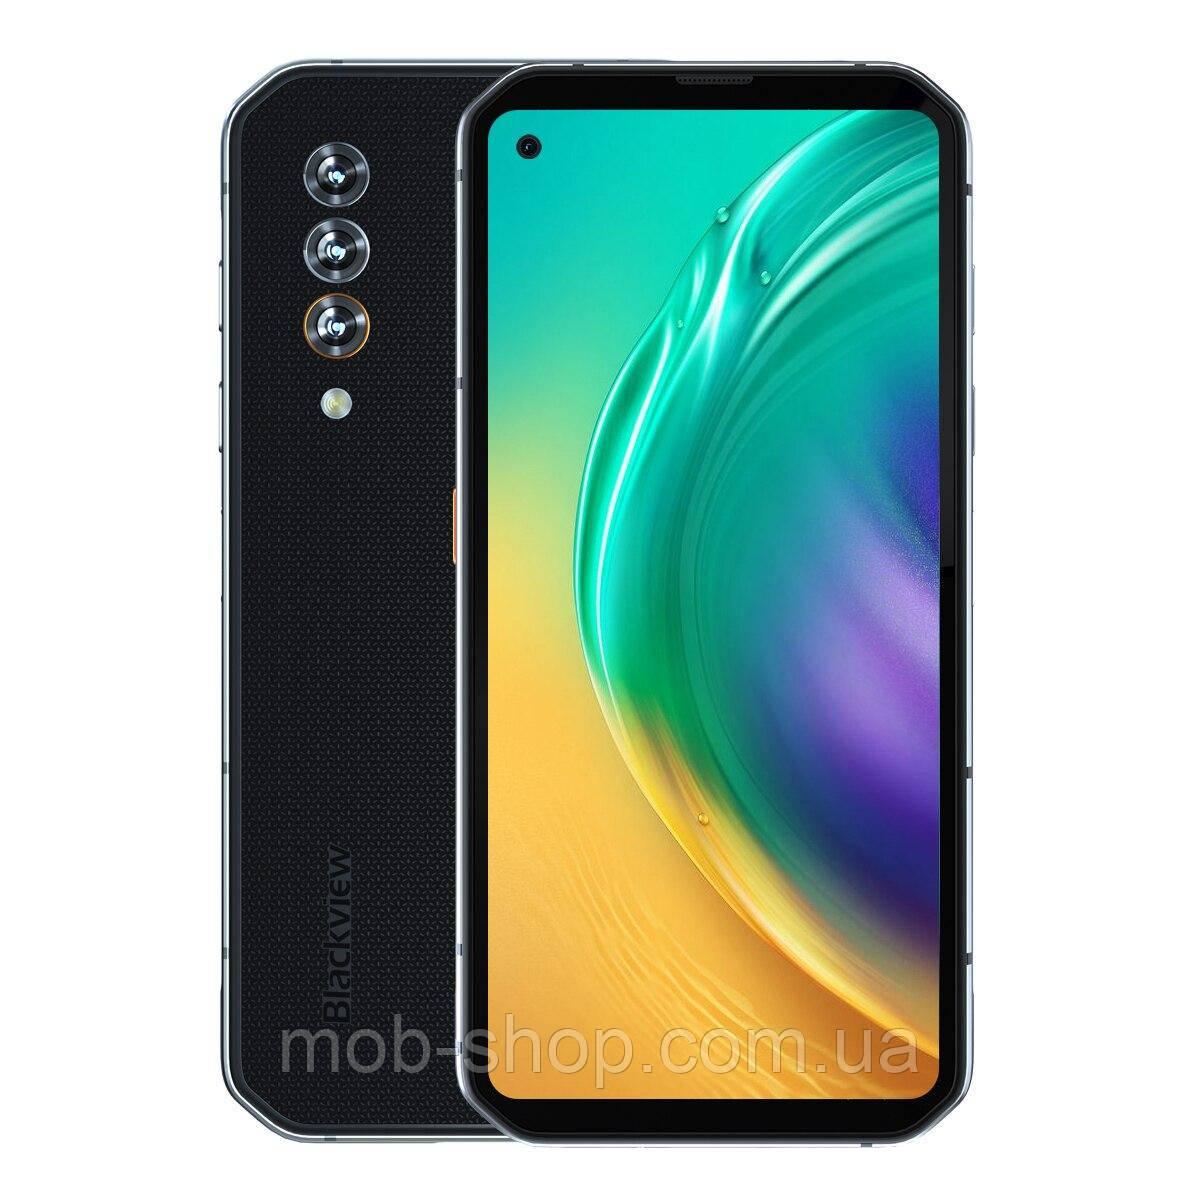 Смартфон Blackview BL6000 Pro 5G silver